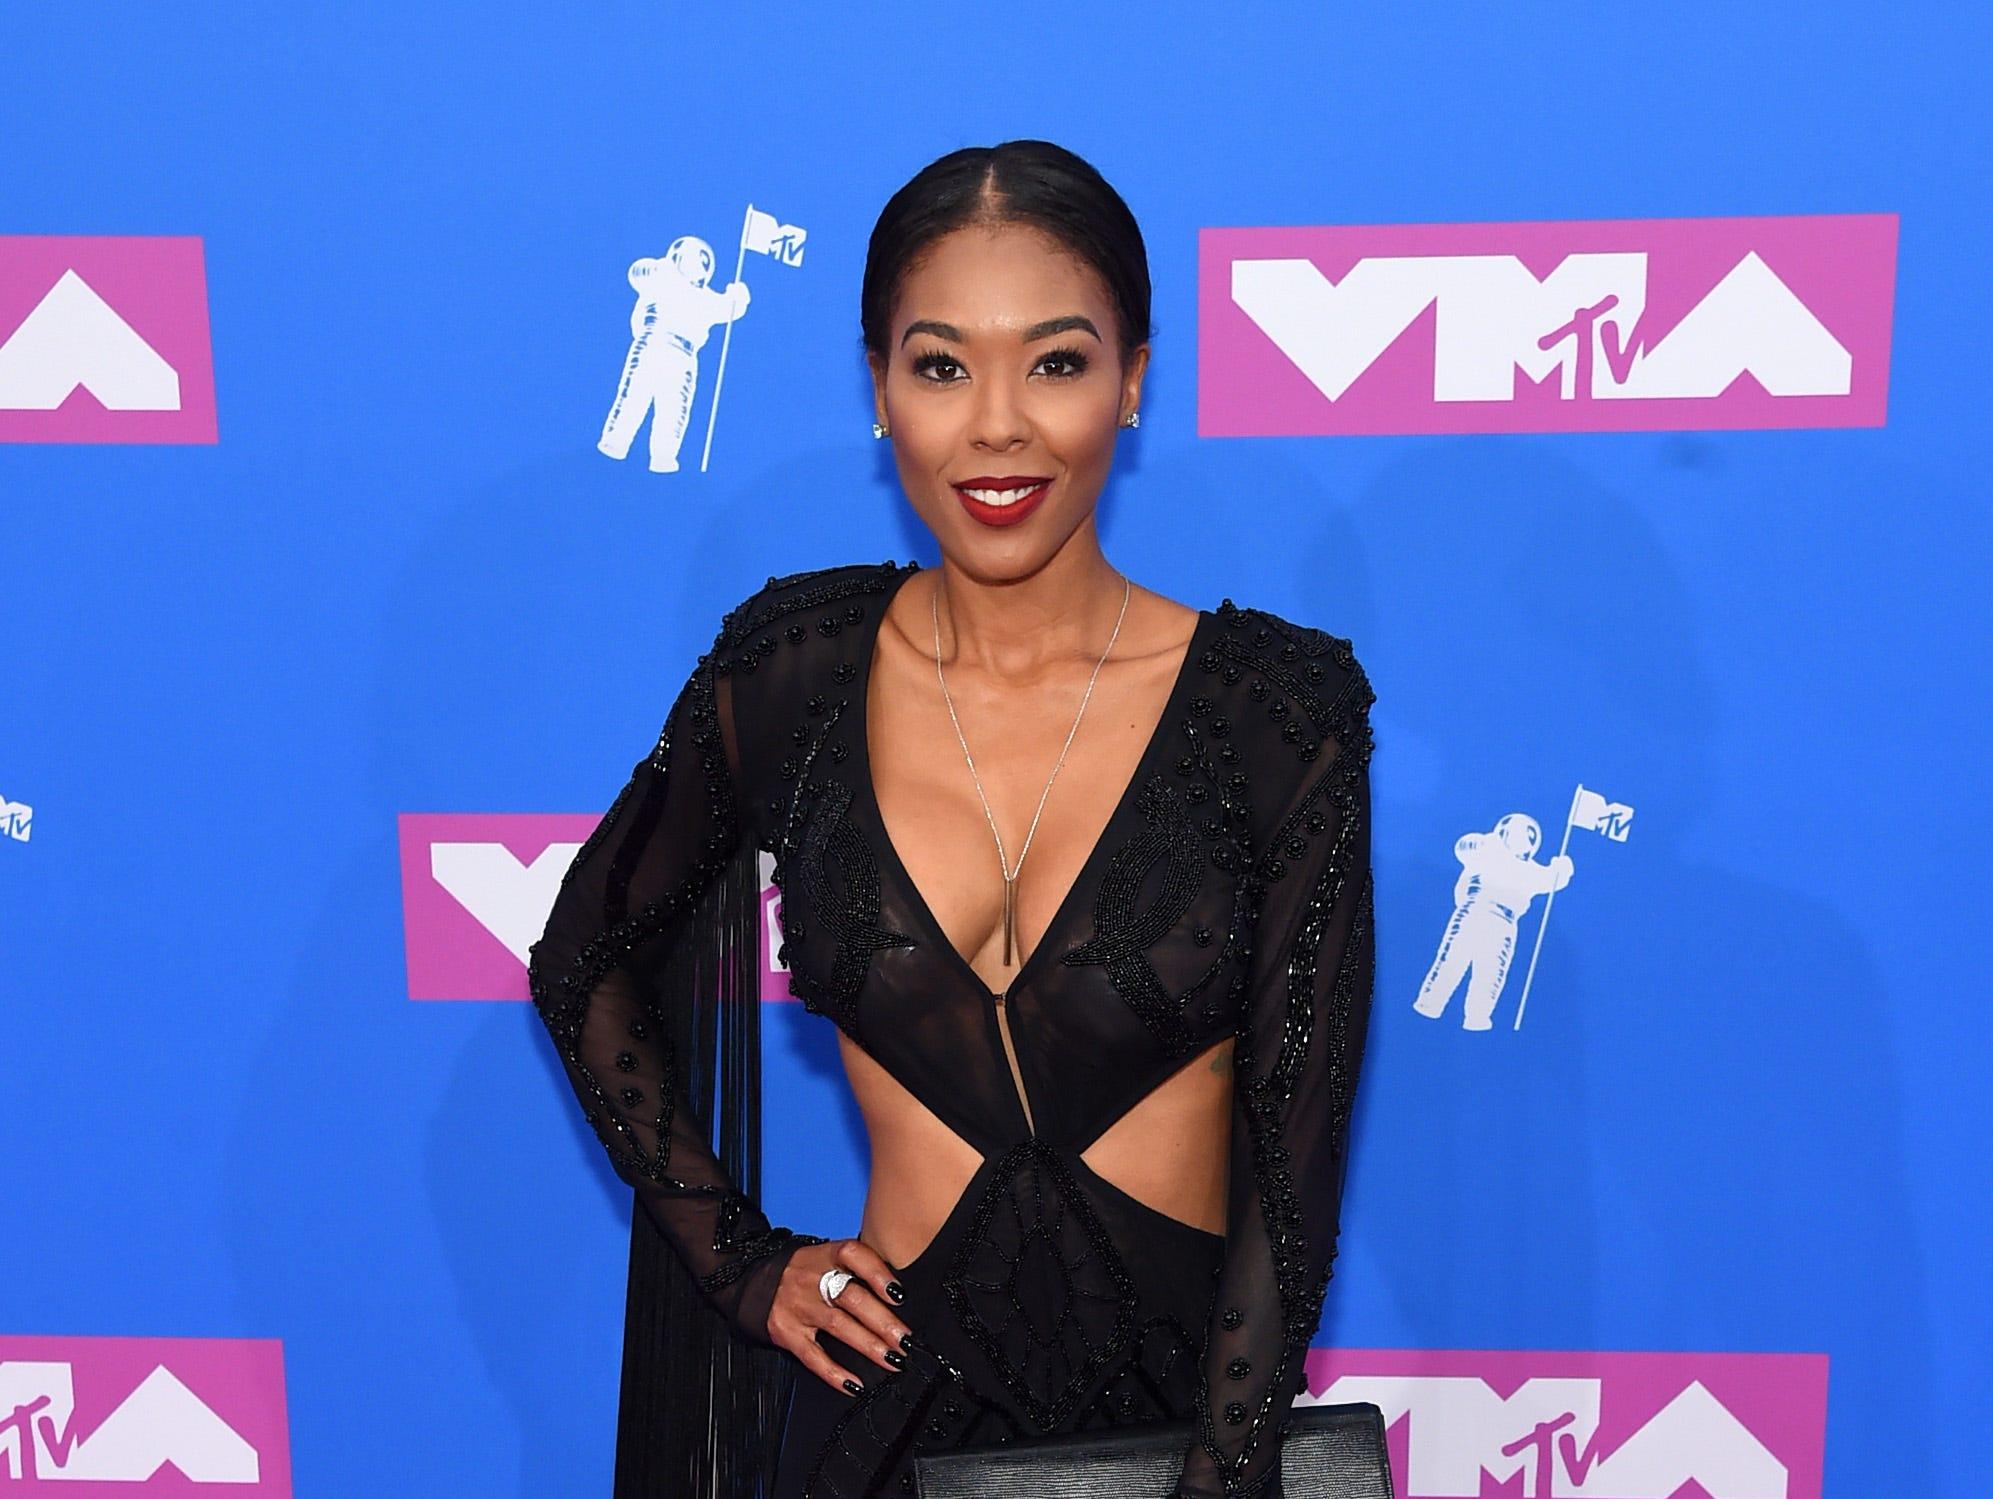 Moniece Slaughter asiste a los MTV Video Music Awards 2018 en el Radio City Music Hall el 20 de agosto de 2018 en la ciudad de Nueva York.